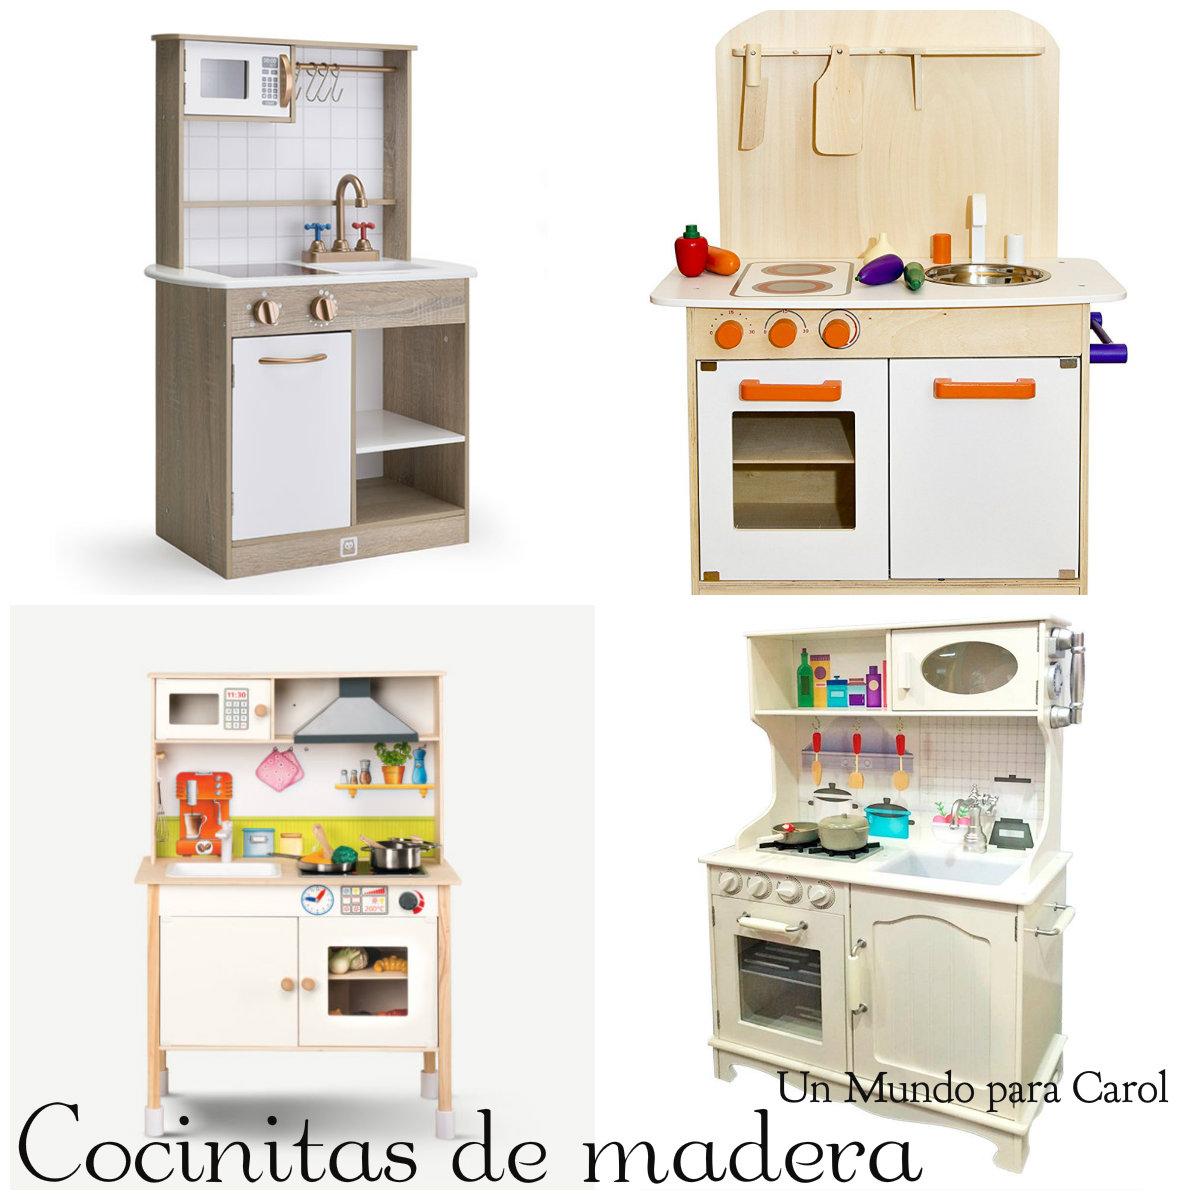 Mis 10 Cocinitas De Madera Favoritas